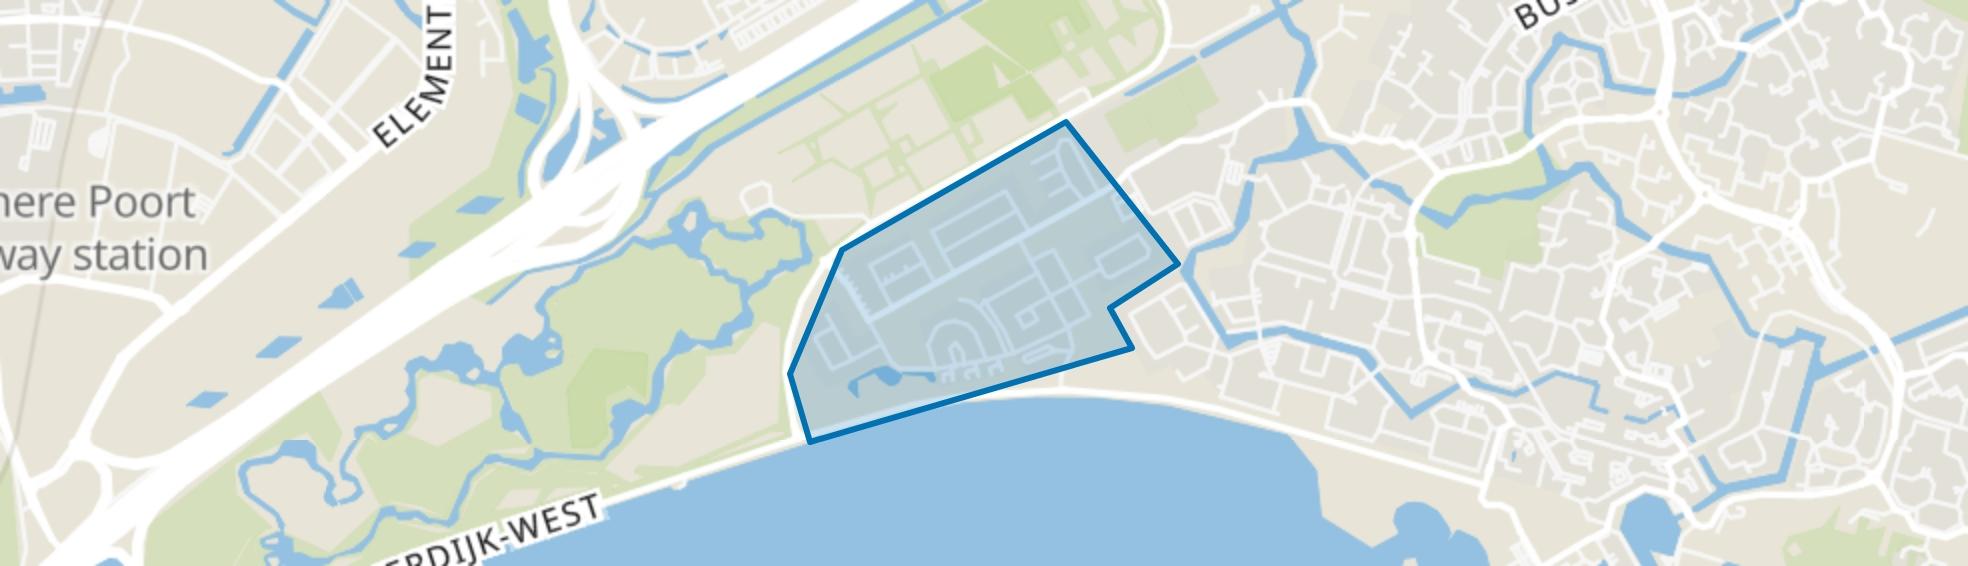 De Velden, Almere map